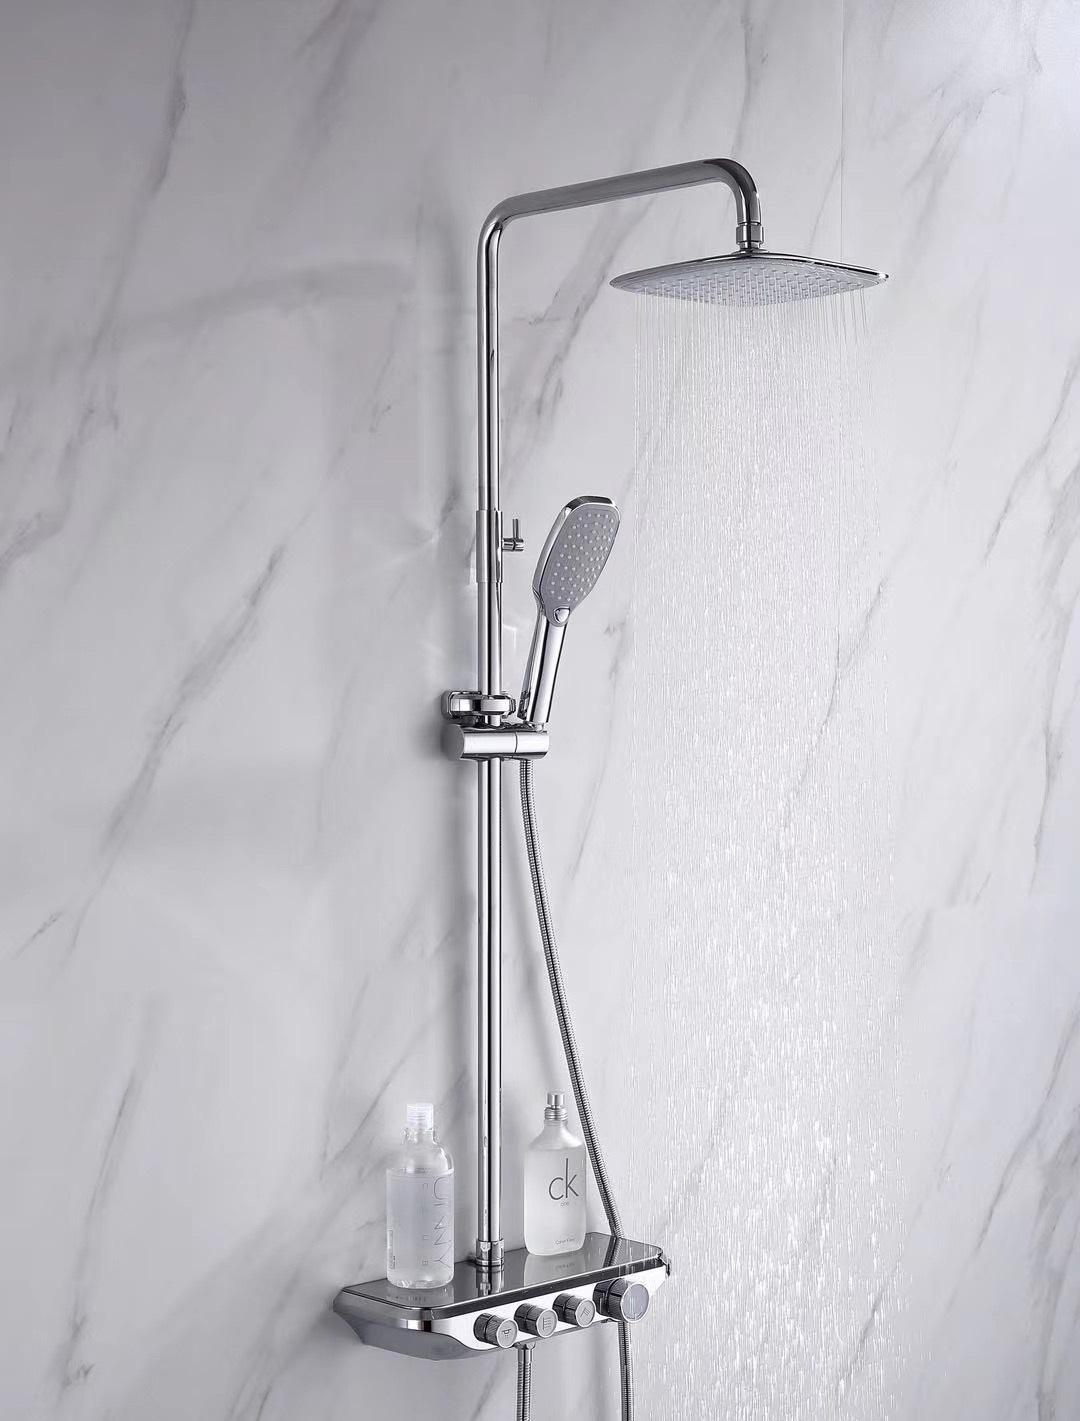 G671 китайский поставщик, набор для ванны и душа, смеситель для ванной комнаты, набор для Дождевого душа